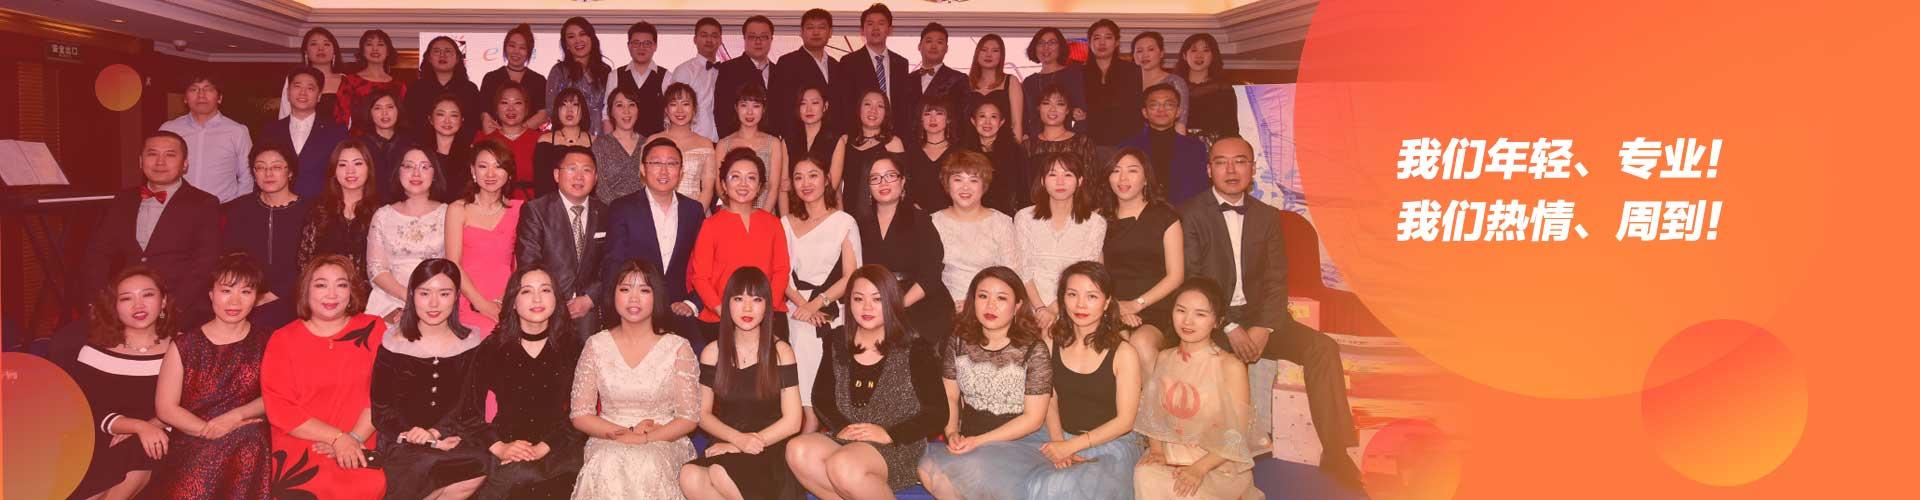 关于北京威克逊顾问有限公司